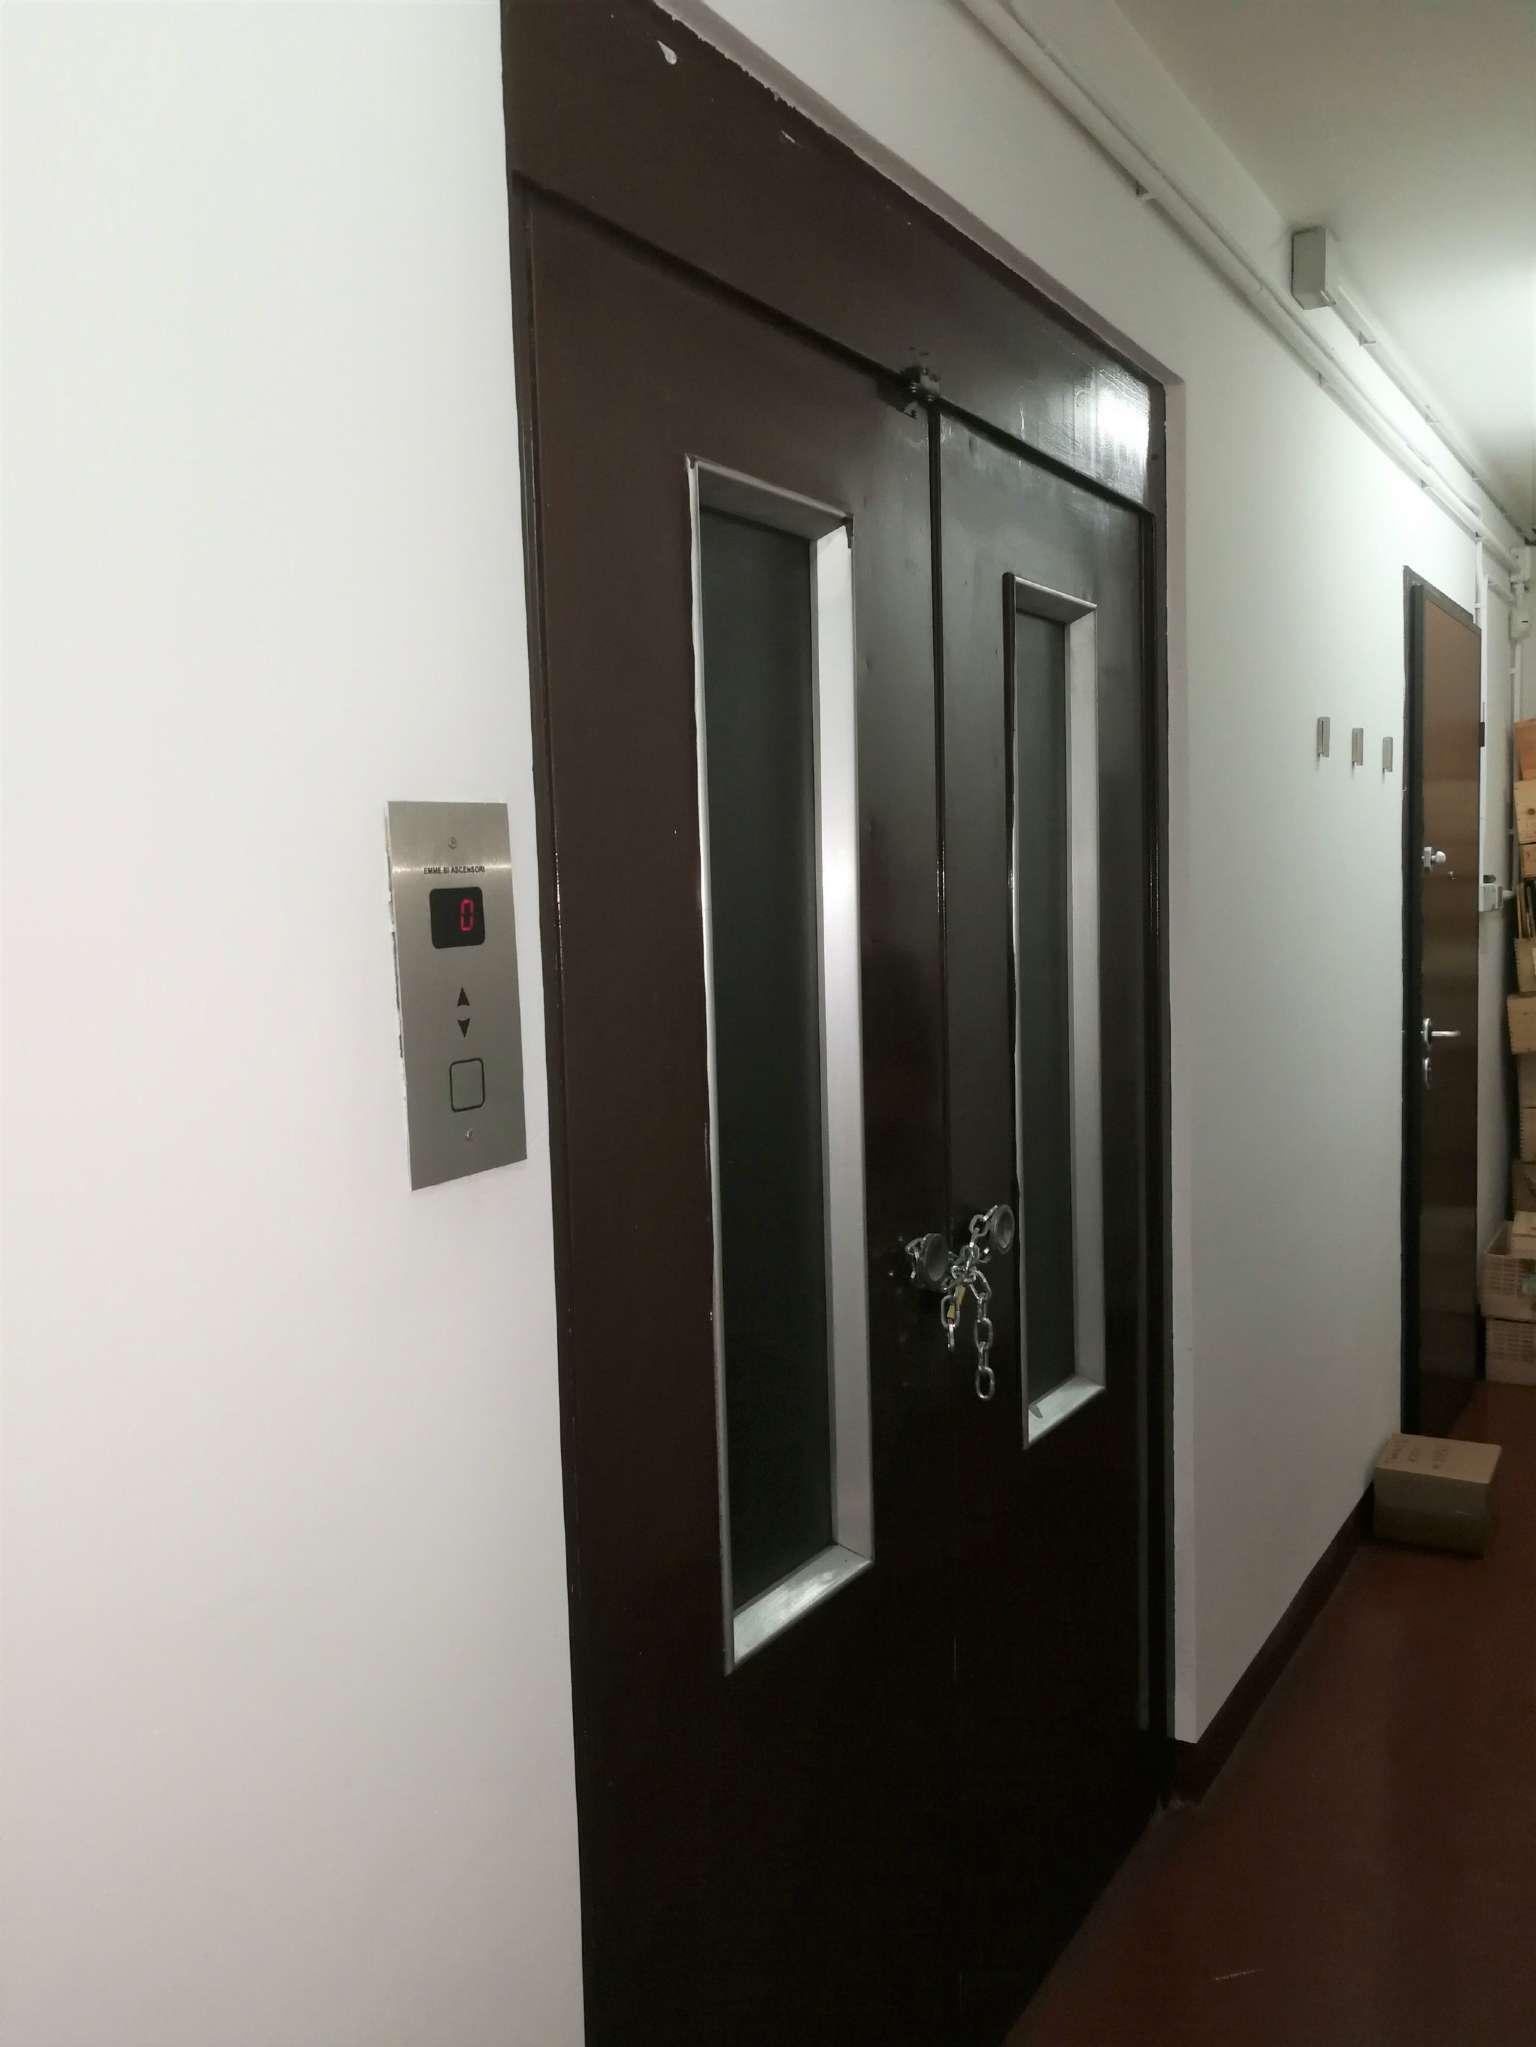 Magazzino/Laboratorio in affitto Zona Crocetta, San Secondo - indirizzo su richiesta Torino